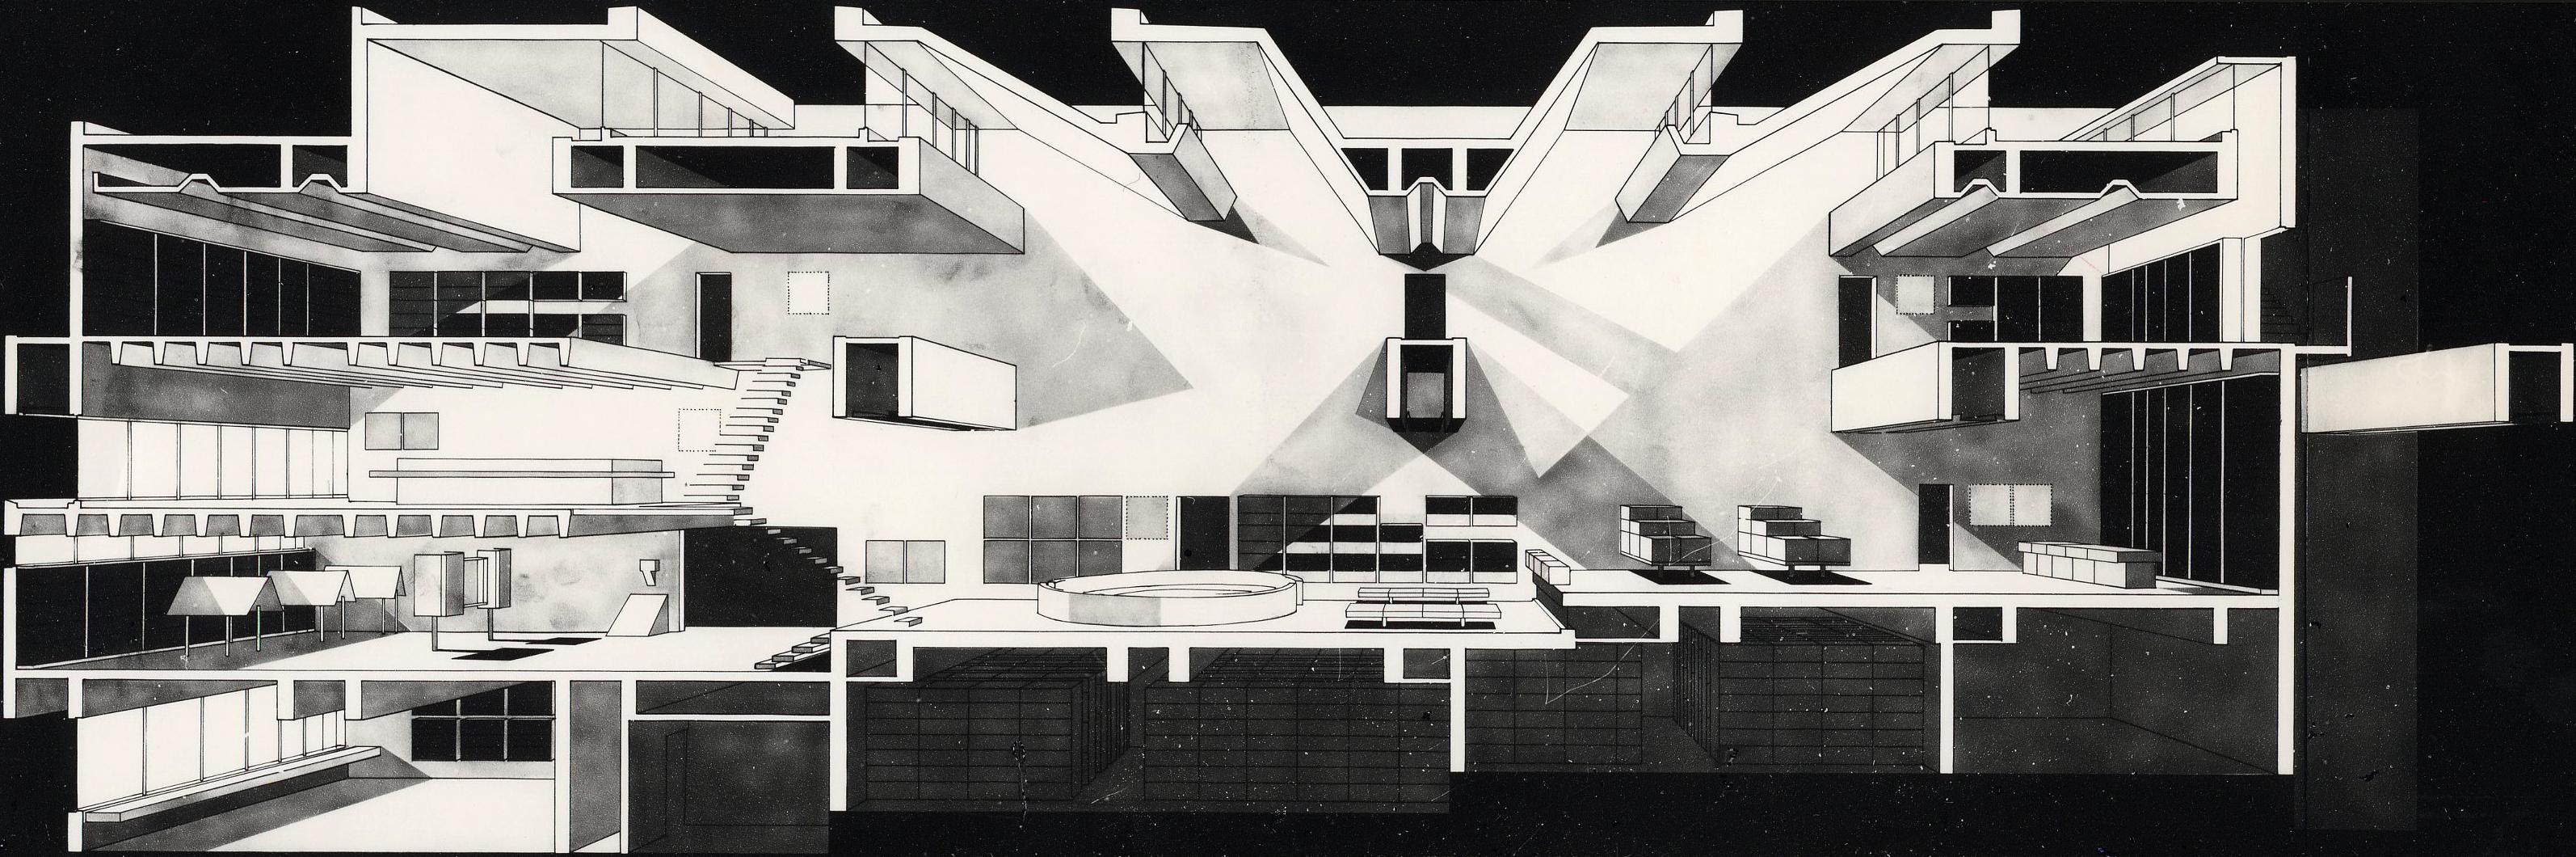 arata isozaki ARATA ISOZAKI – PRITZKER PRIZE 2019 11 Section perspective1 Oita Prefectural Library 1966